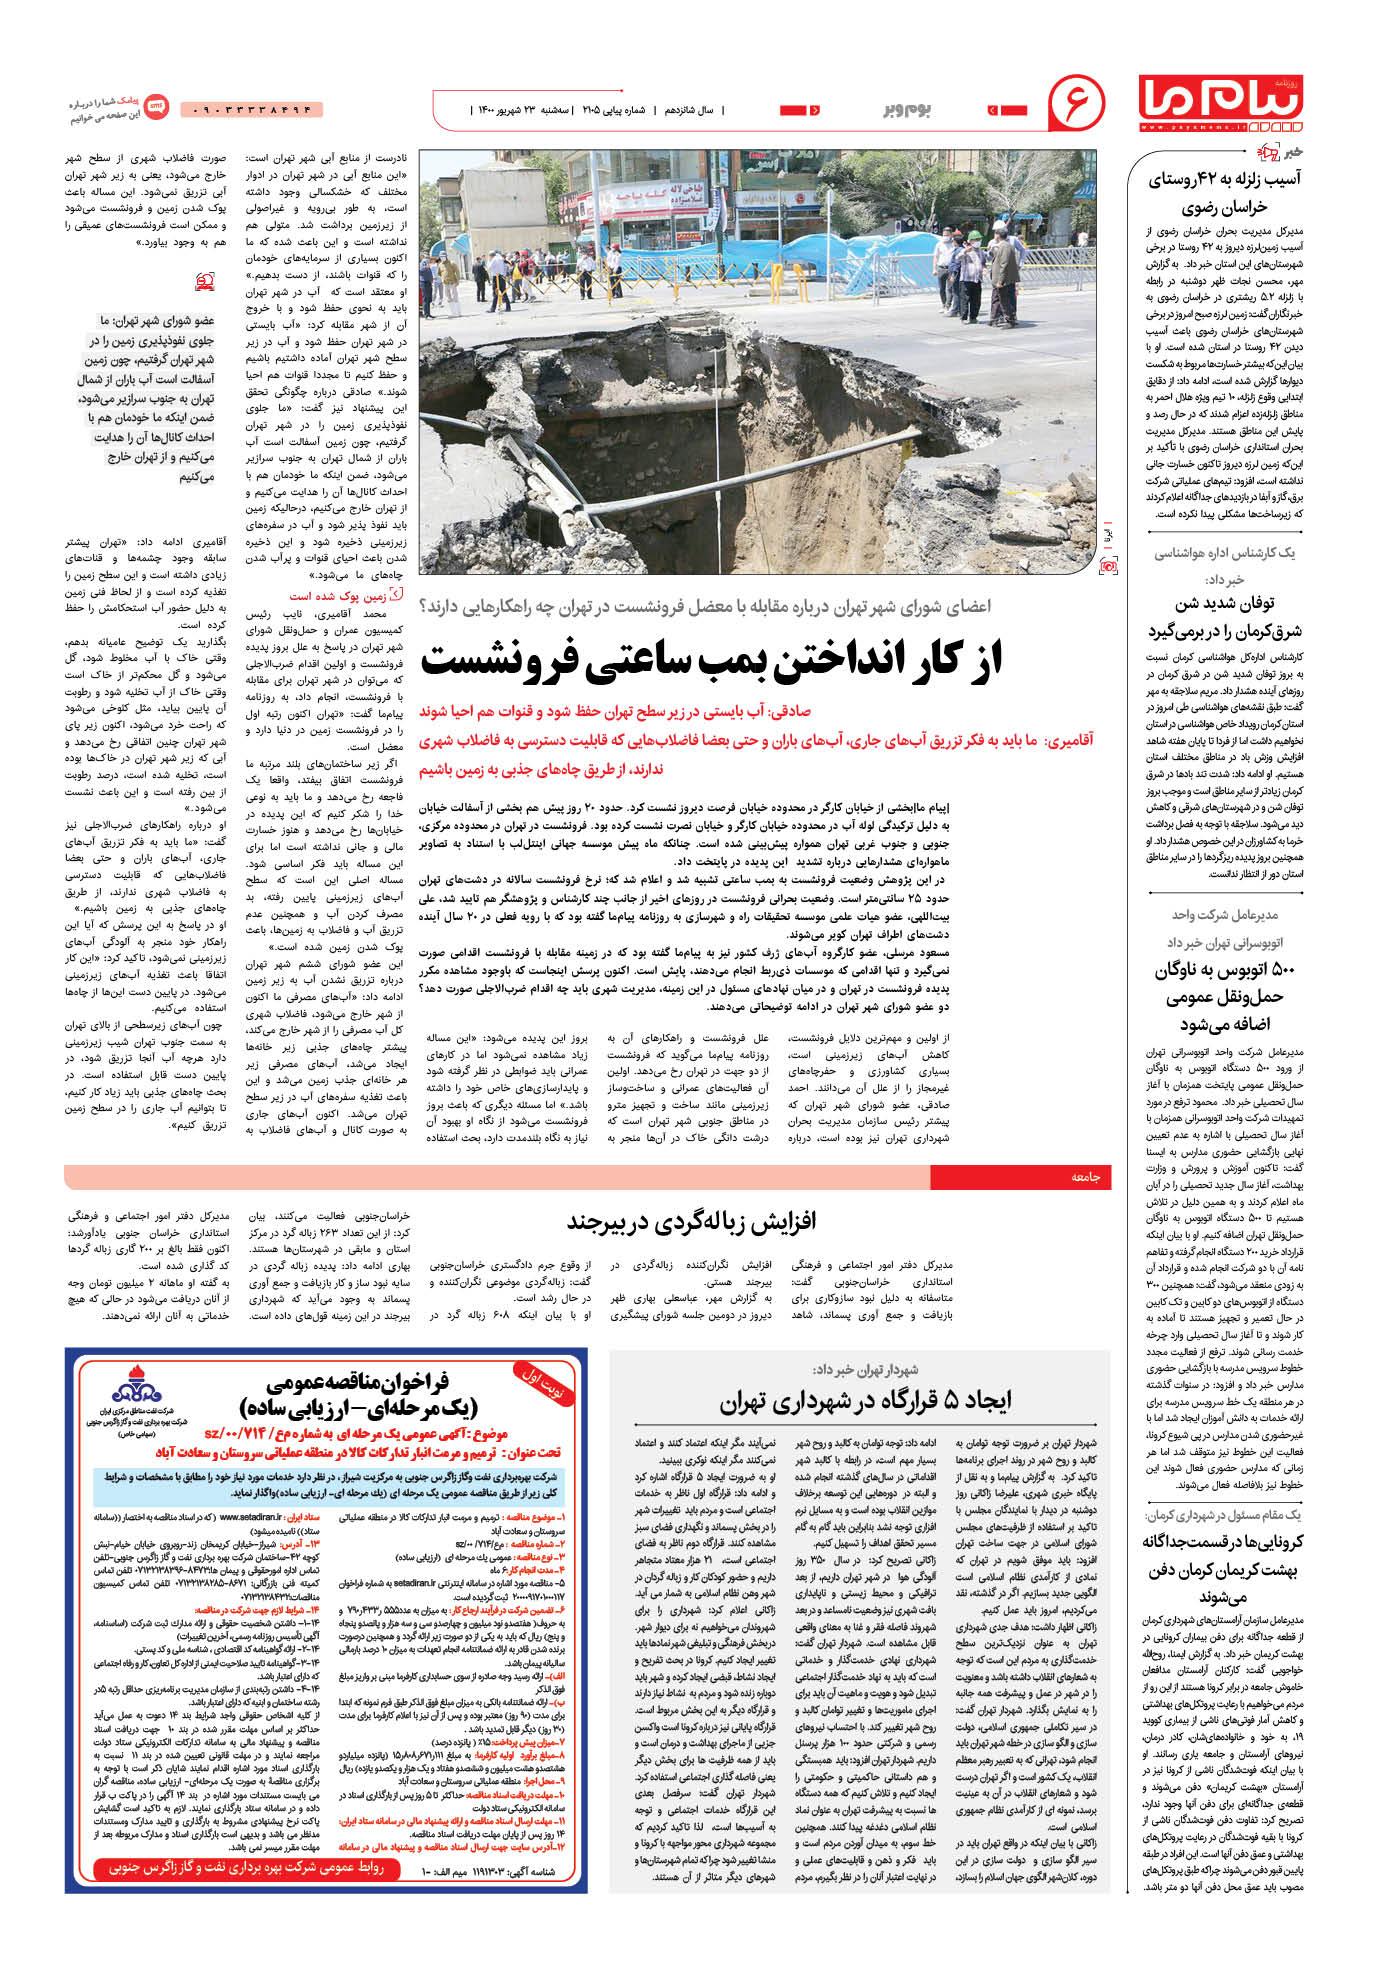 صفحه بوم و بر شماره 2105 روزنامه پیام ما